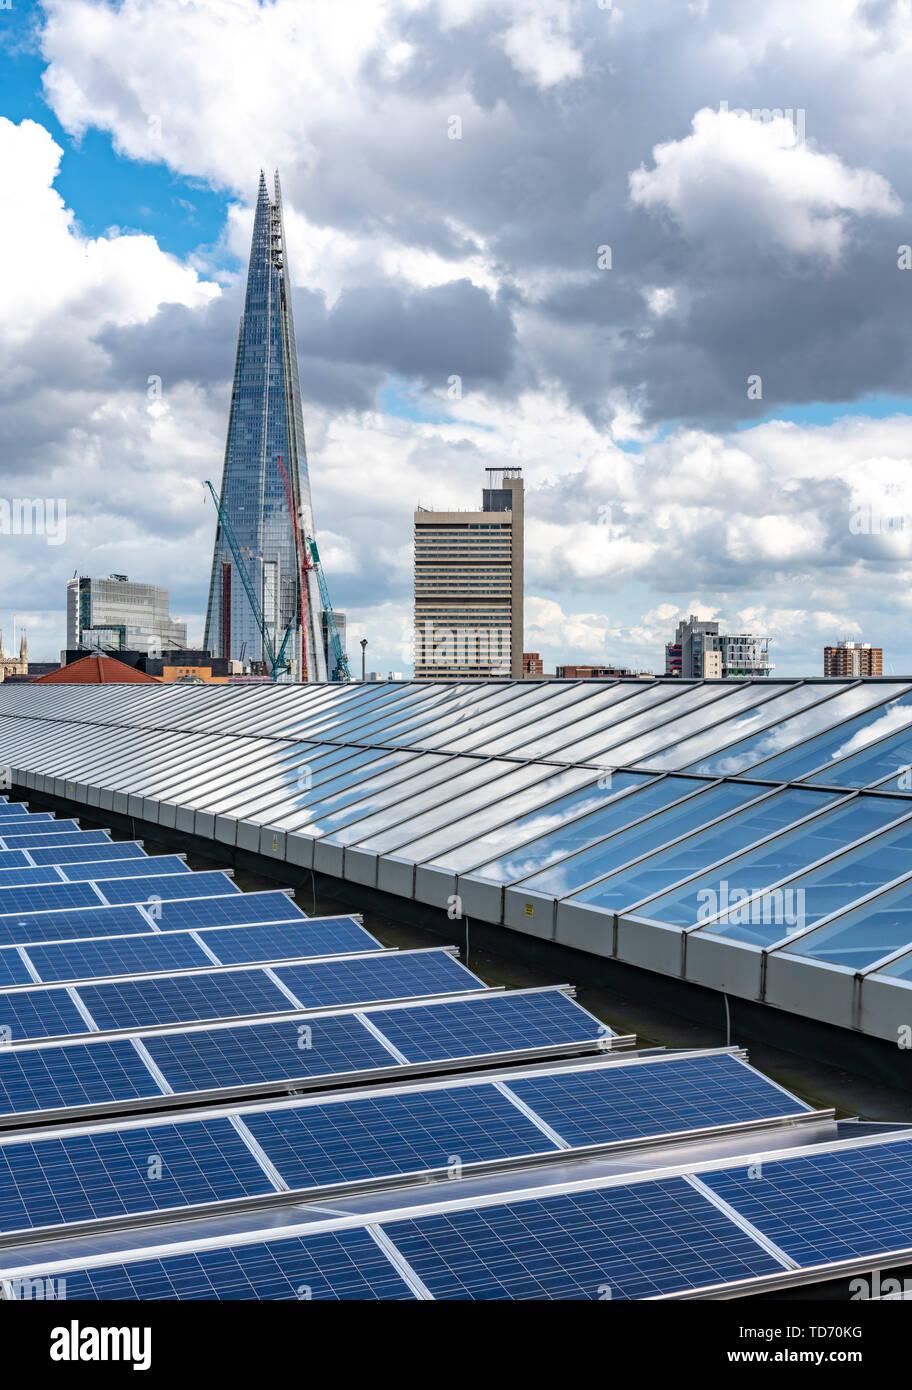 El paisaje urbano de Londres con el Shard en la distancia. Disparo de la habitación del miembro de la Tate Modern - visto en primer plano con los paneles solares. Imagen De Stock